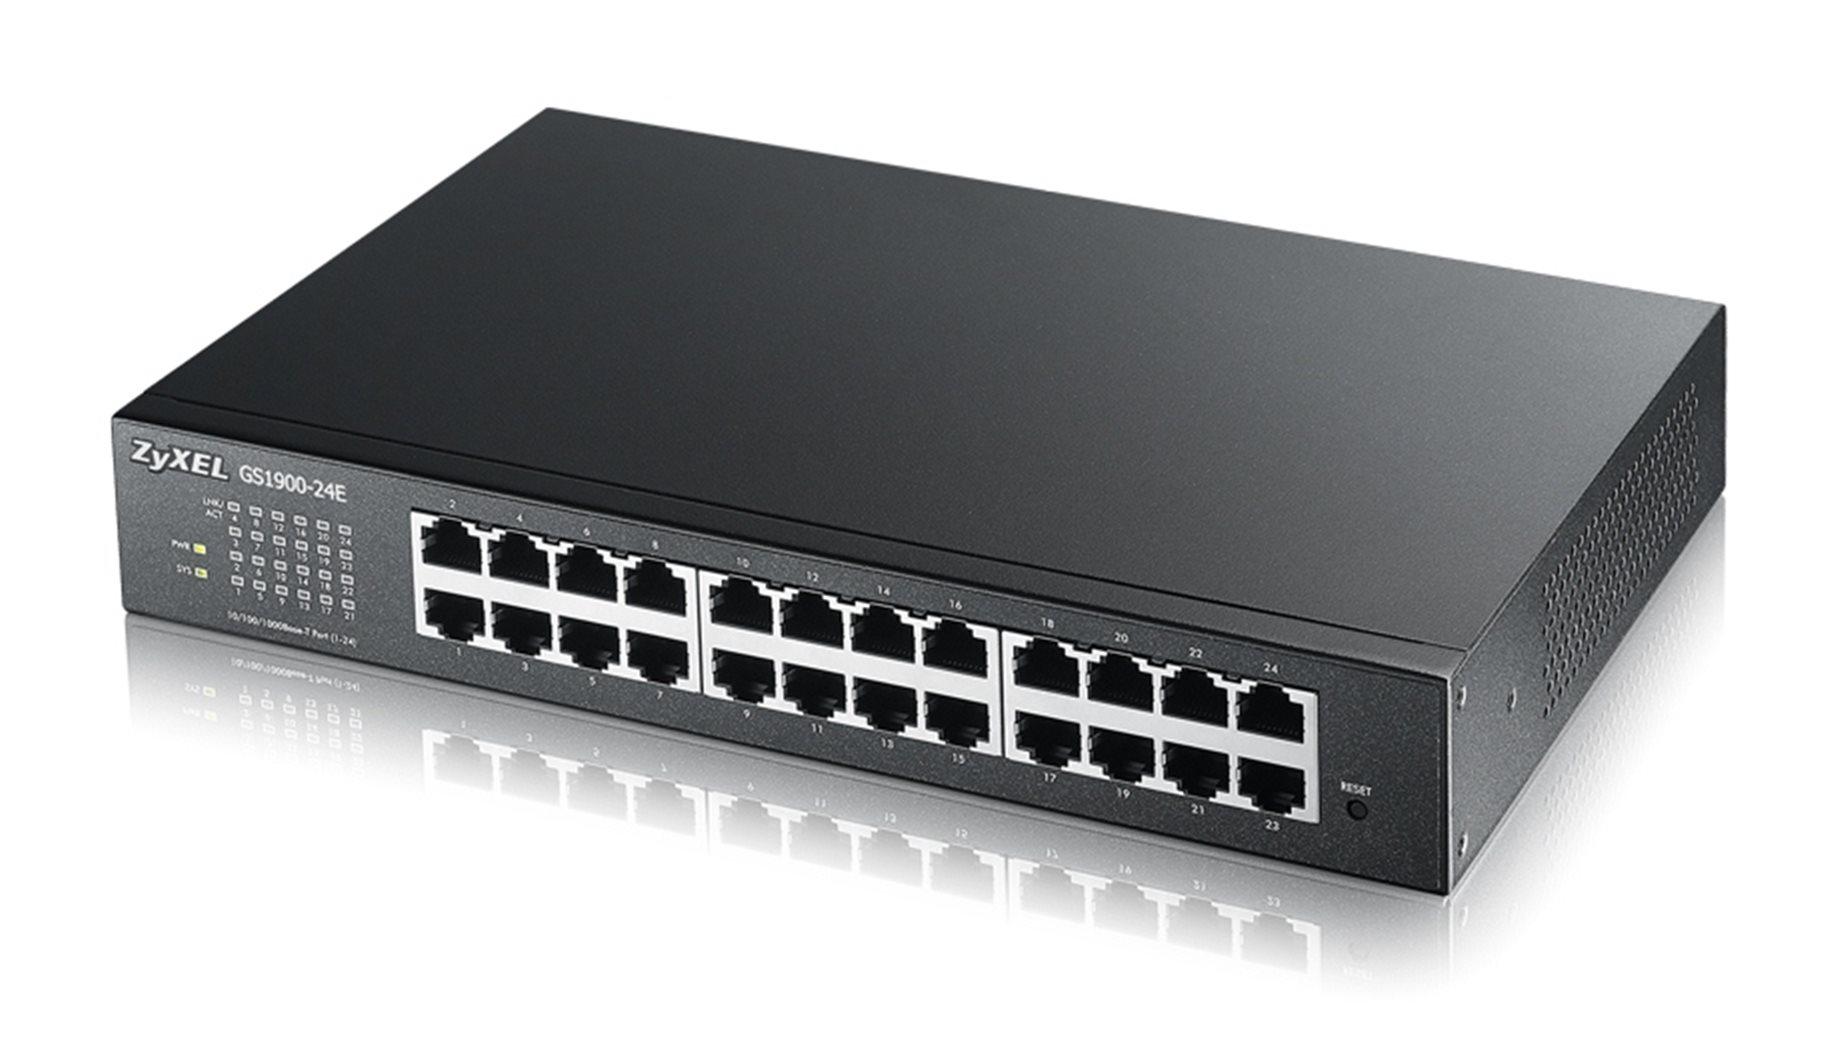 Zyxel GS1900-24Ev2, 24-port Desktop Gigabit Web Smart switch: 24x Gigabit metal, IPv6, 802.3az (Green)